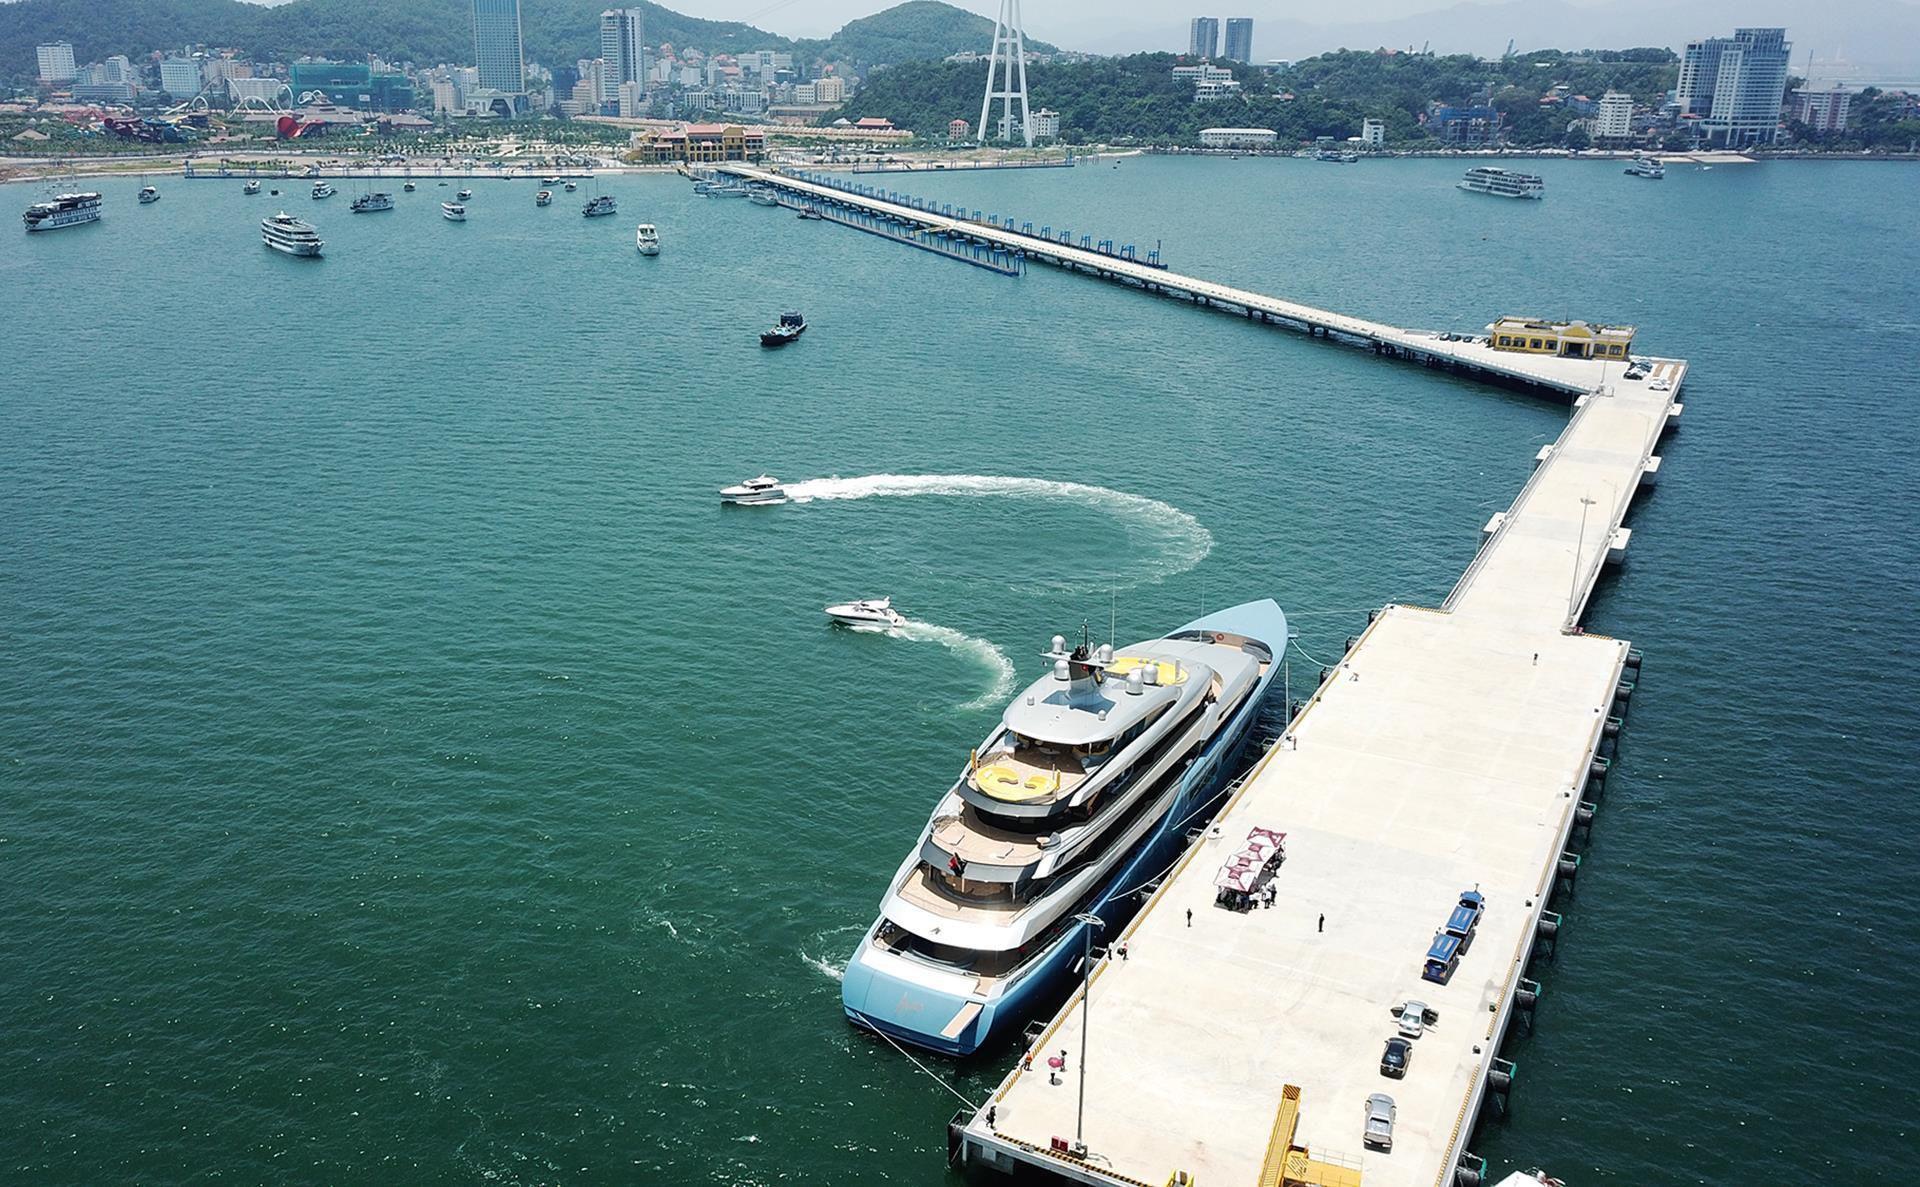 Du thuyền 150 triệu USD đưa tỷ phú Anh đến vịnh Hạ Long Ảnh 2